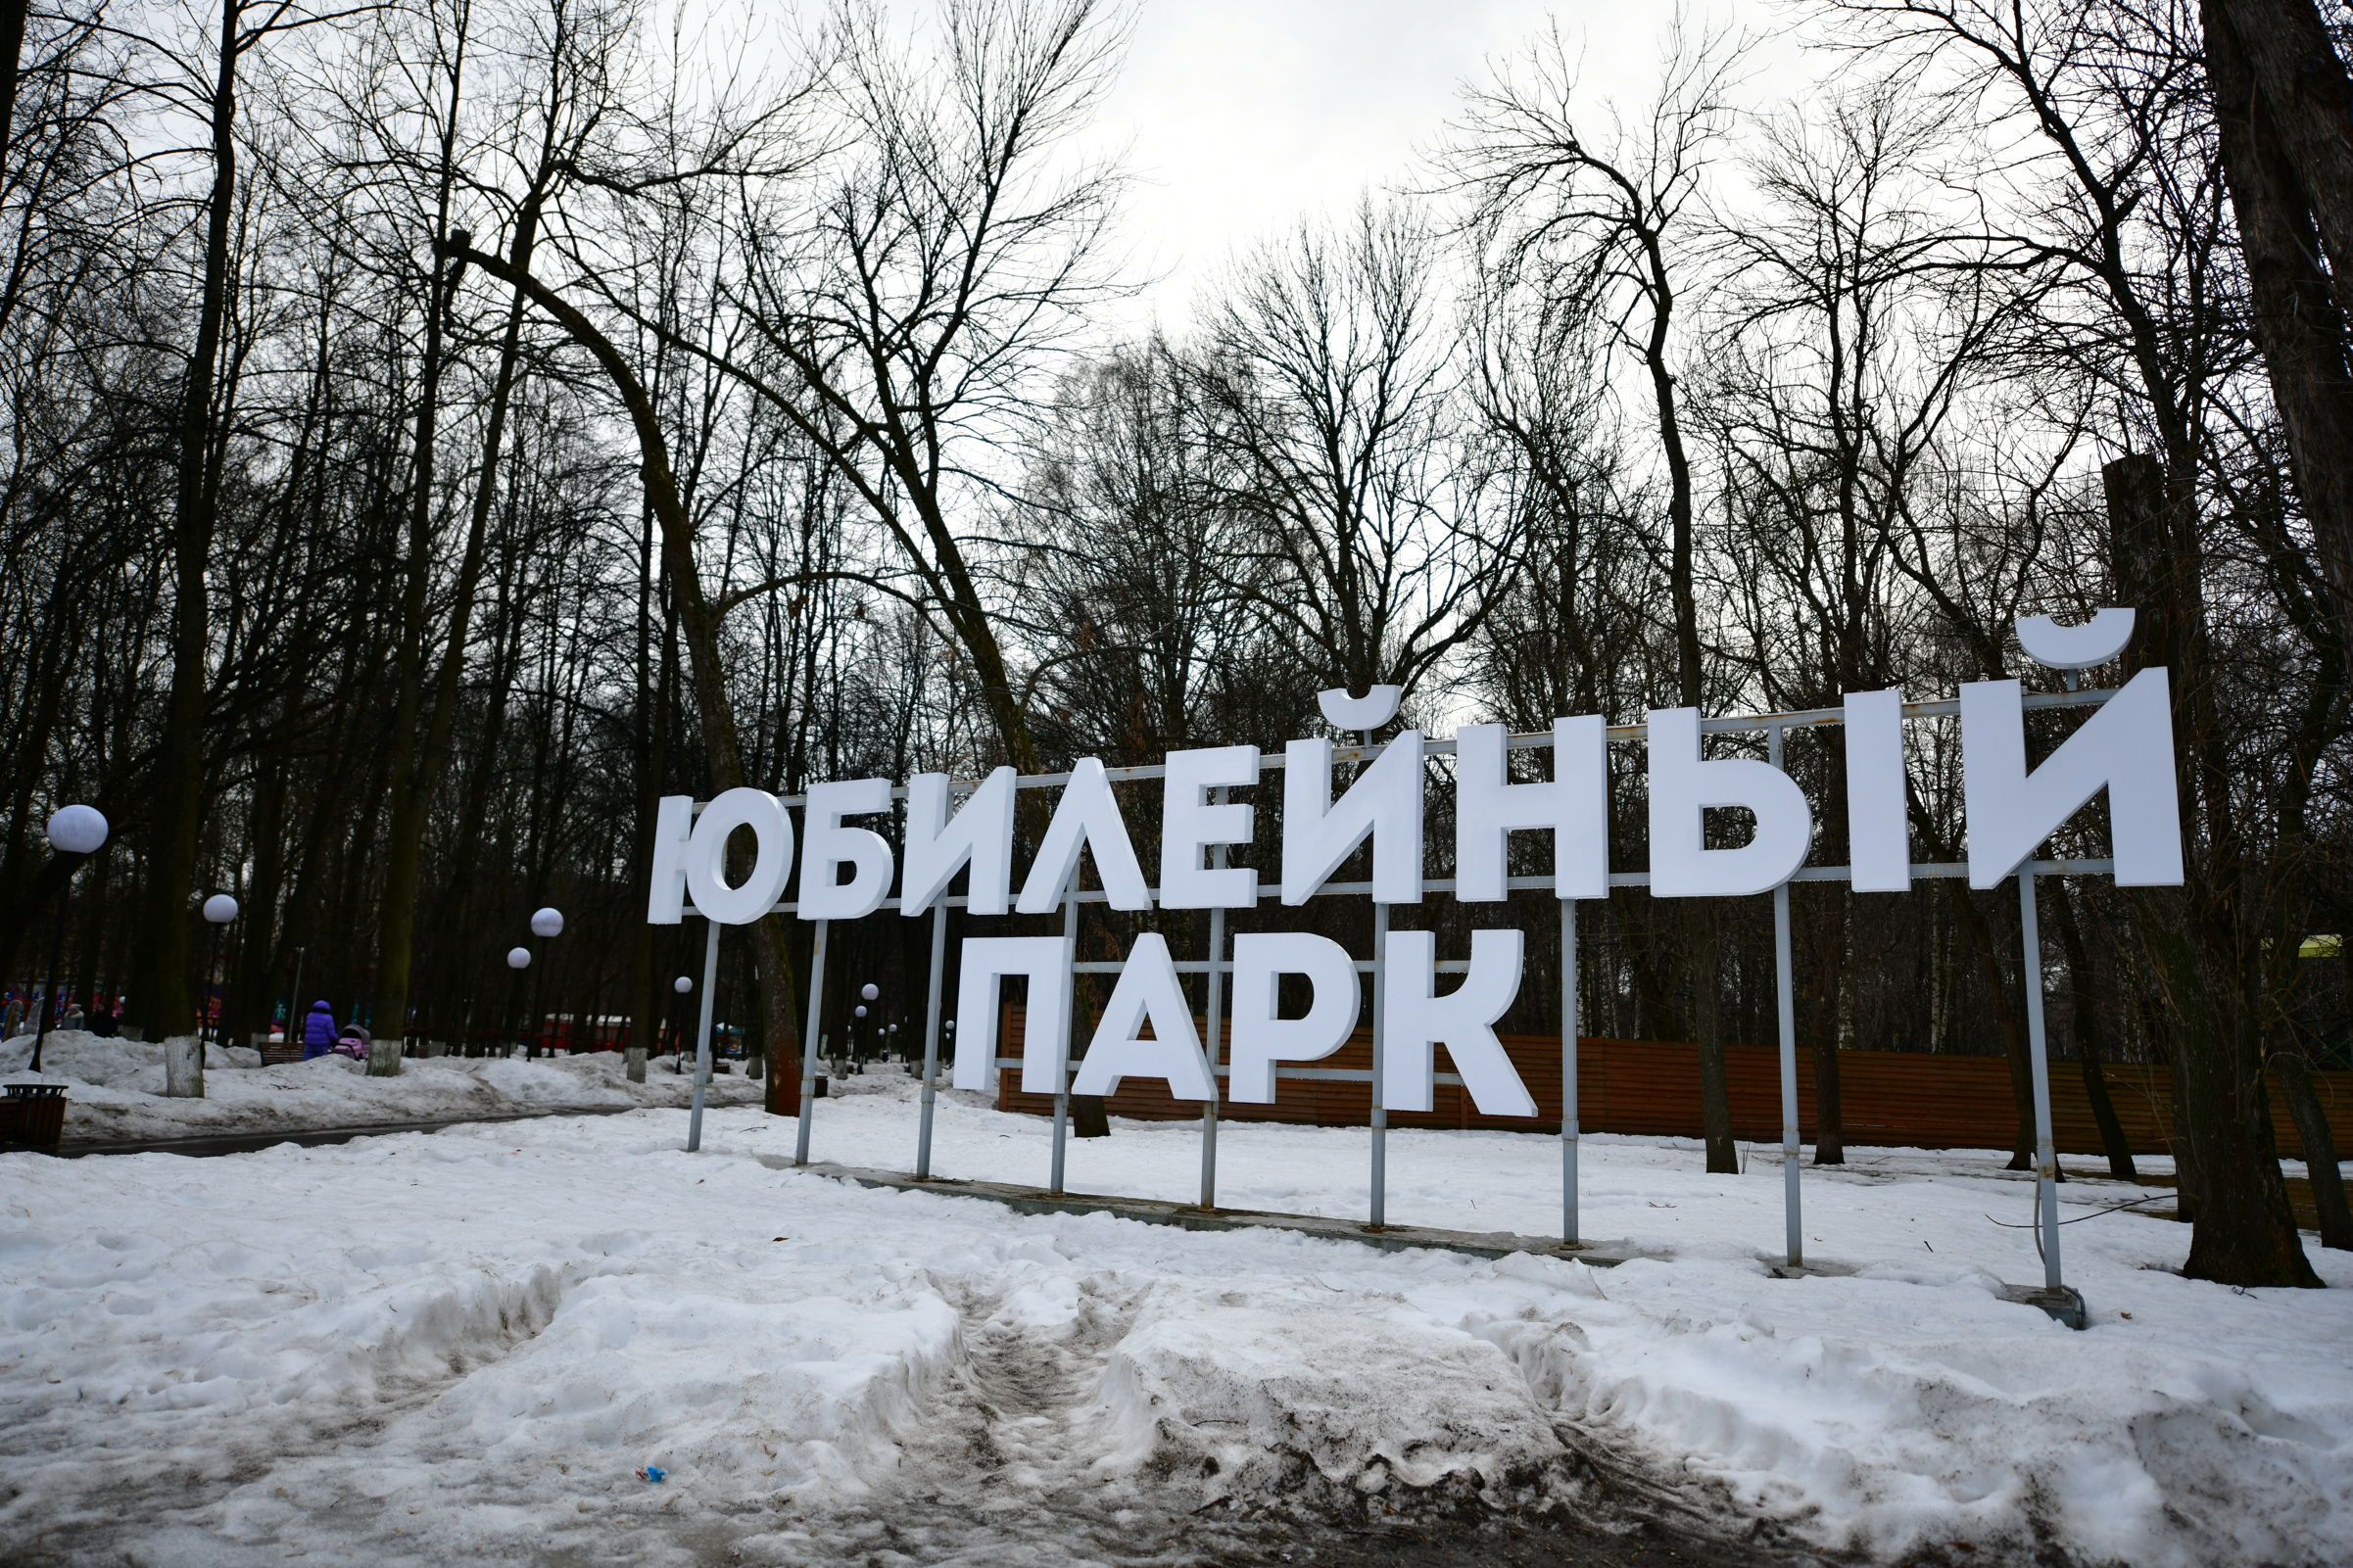 Мэр Ярославля поручил навести порядок в Юбилейном парке